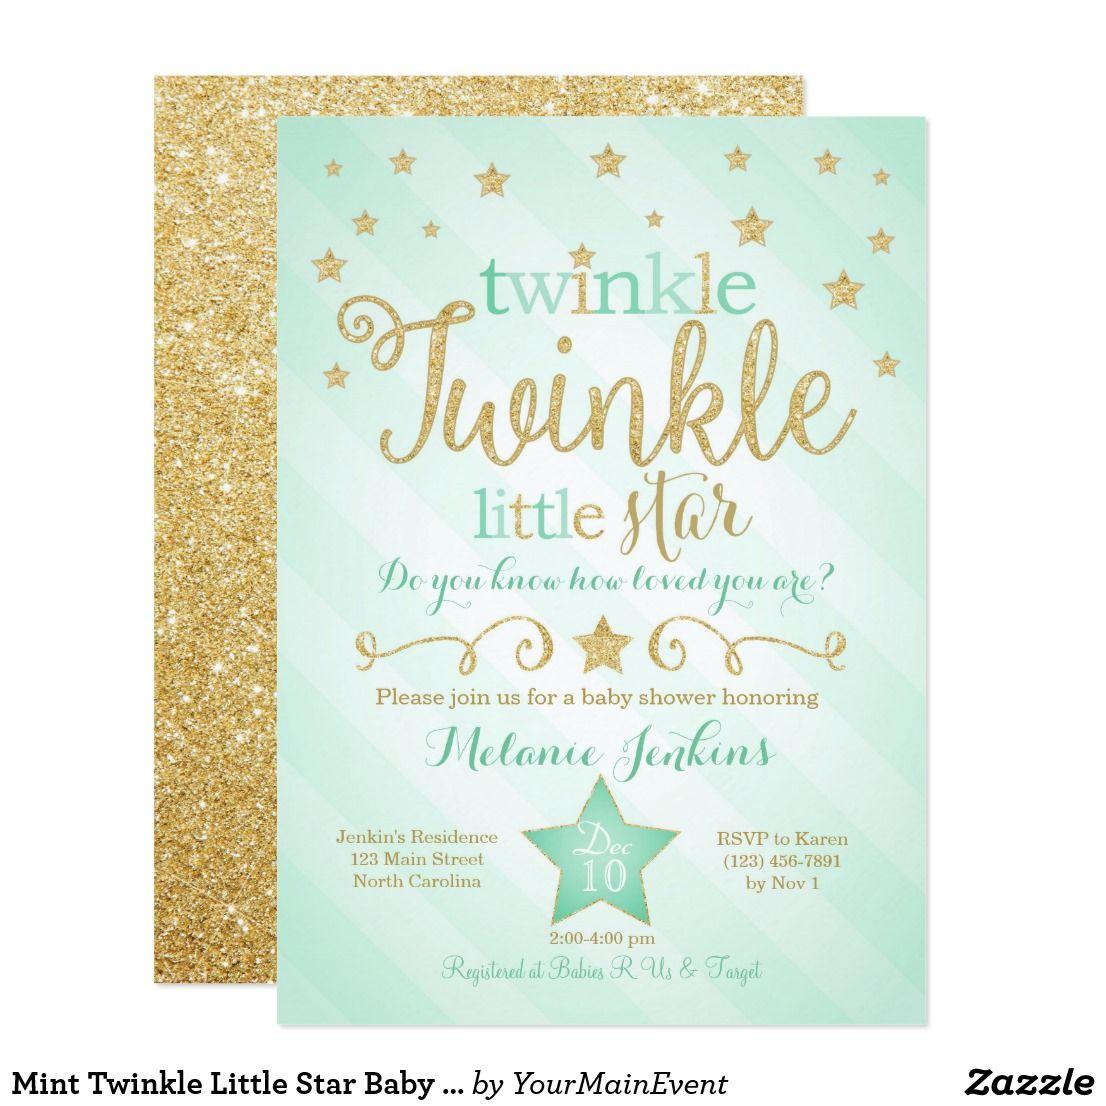 Mint Twinkle Little Star Baby Shower Invitation | Zazzle - Free Printable Twinkle Twinkle Little Star Baby Shower Invitations